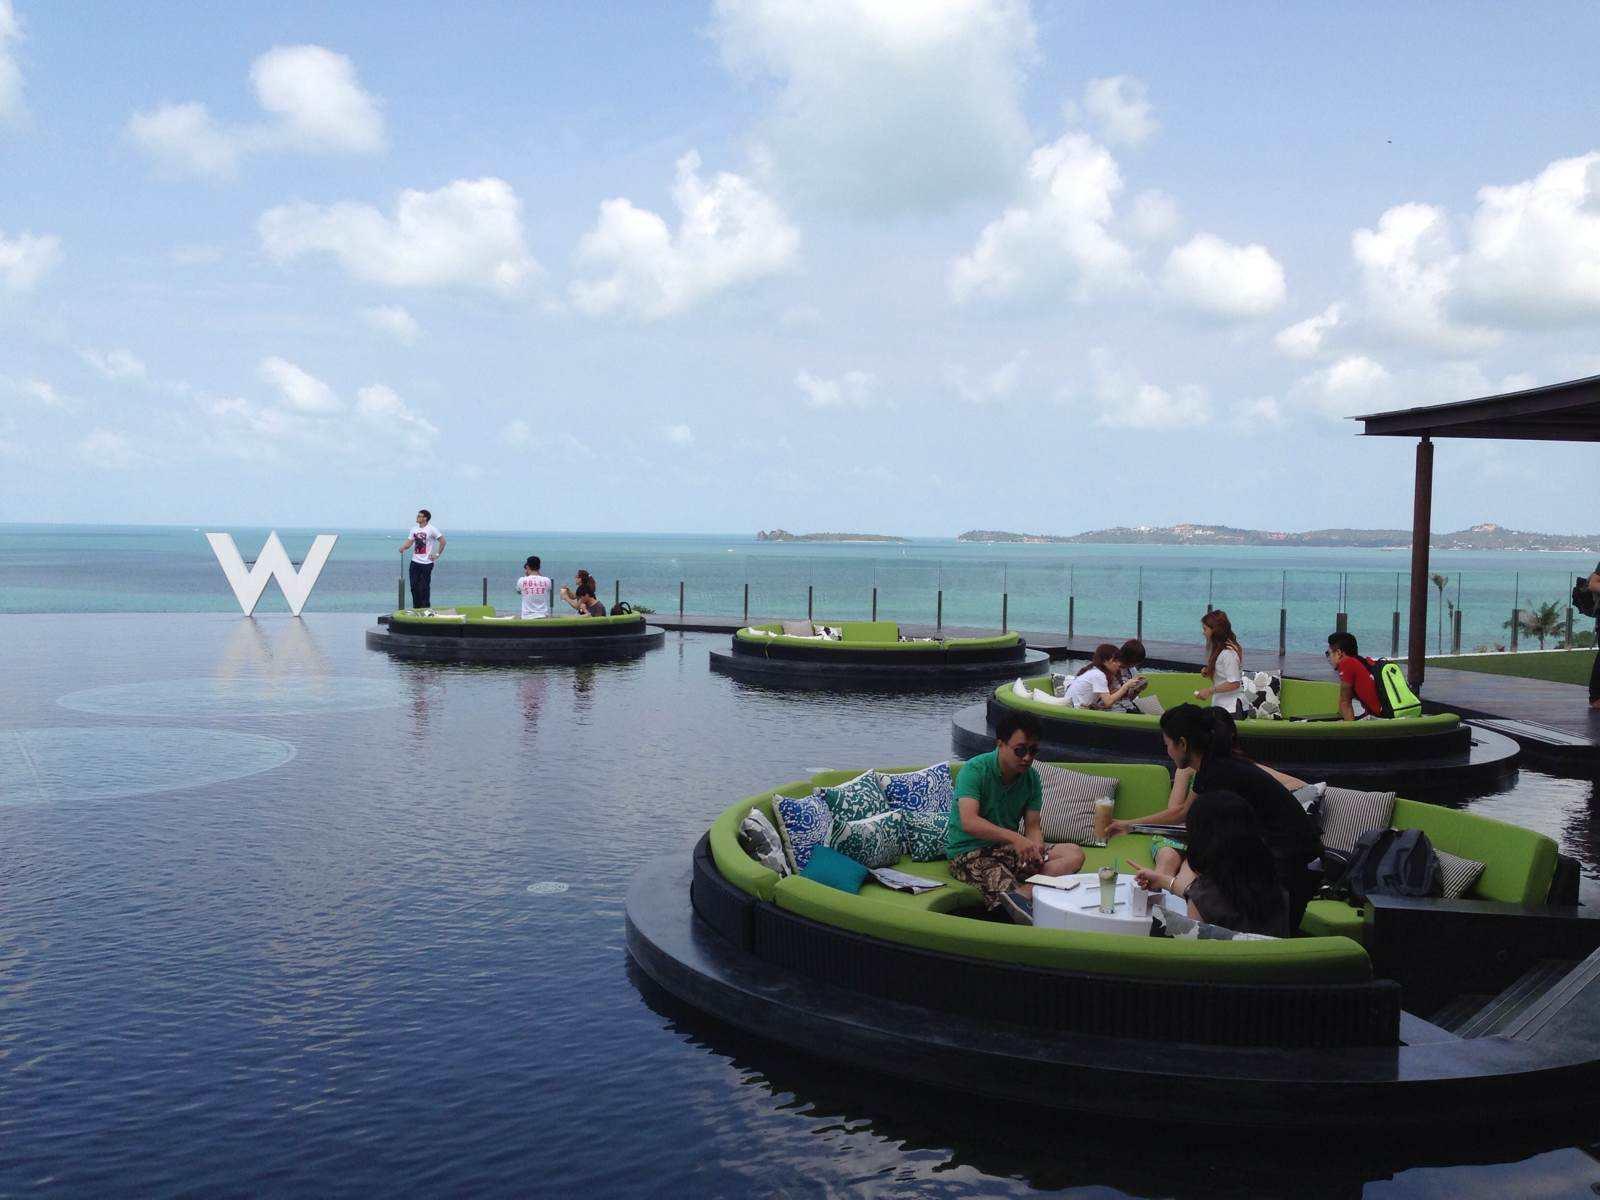 苏梅岛位于泰国西南部海岸的一个岛,通常称为苏梅